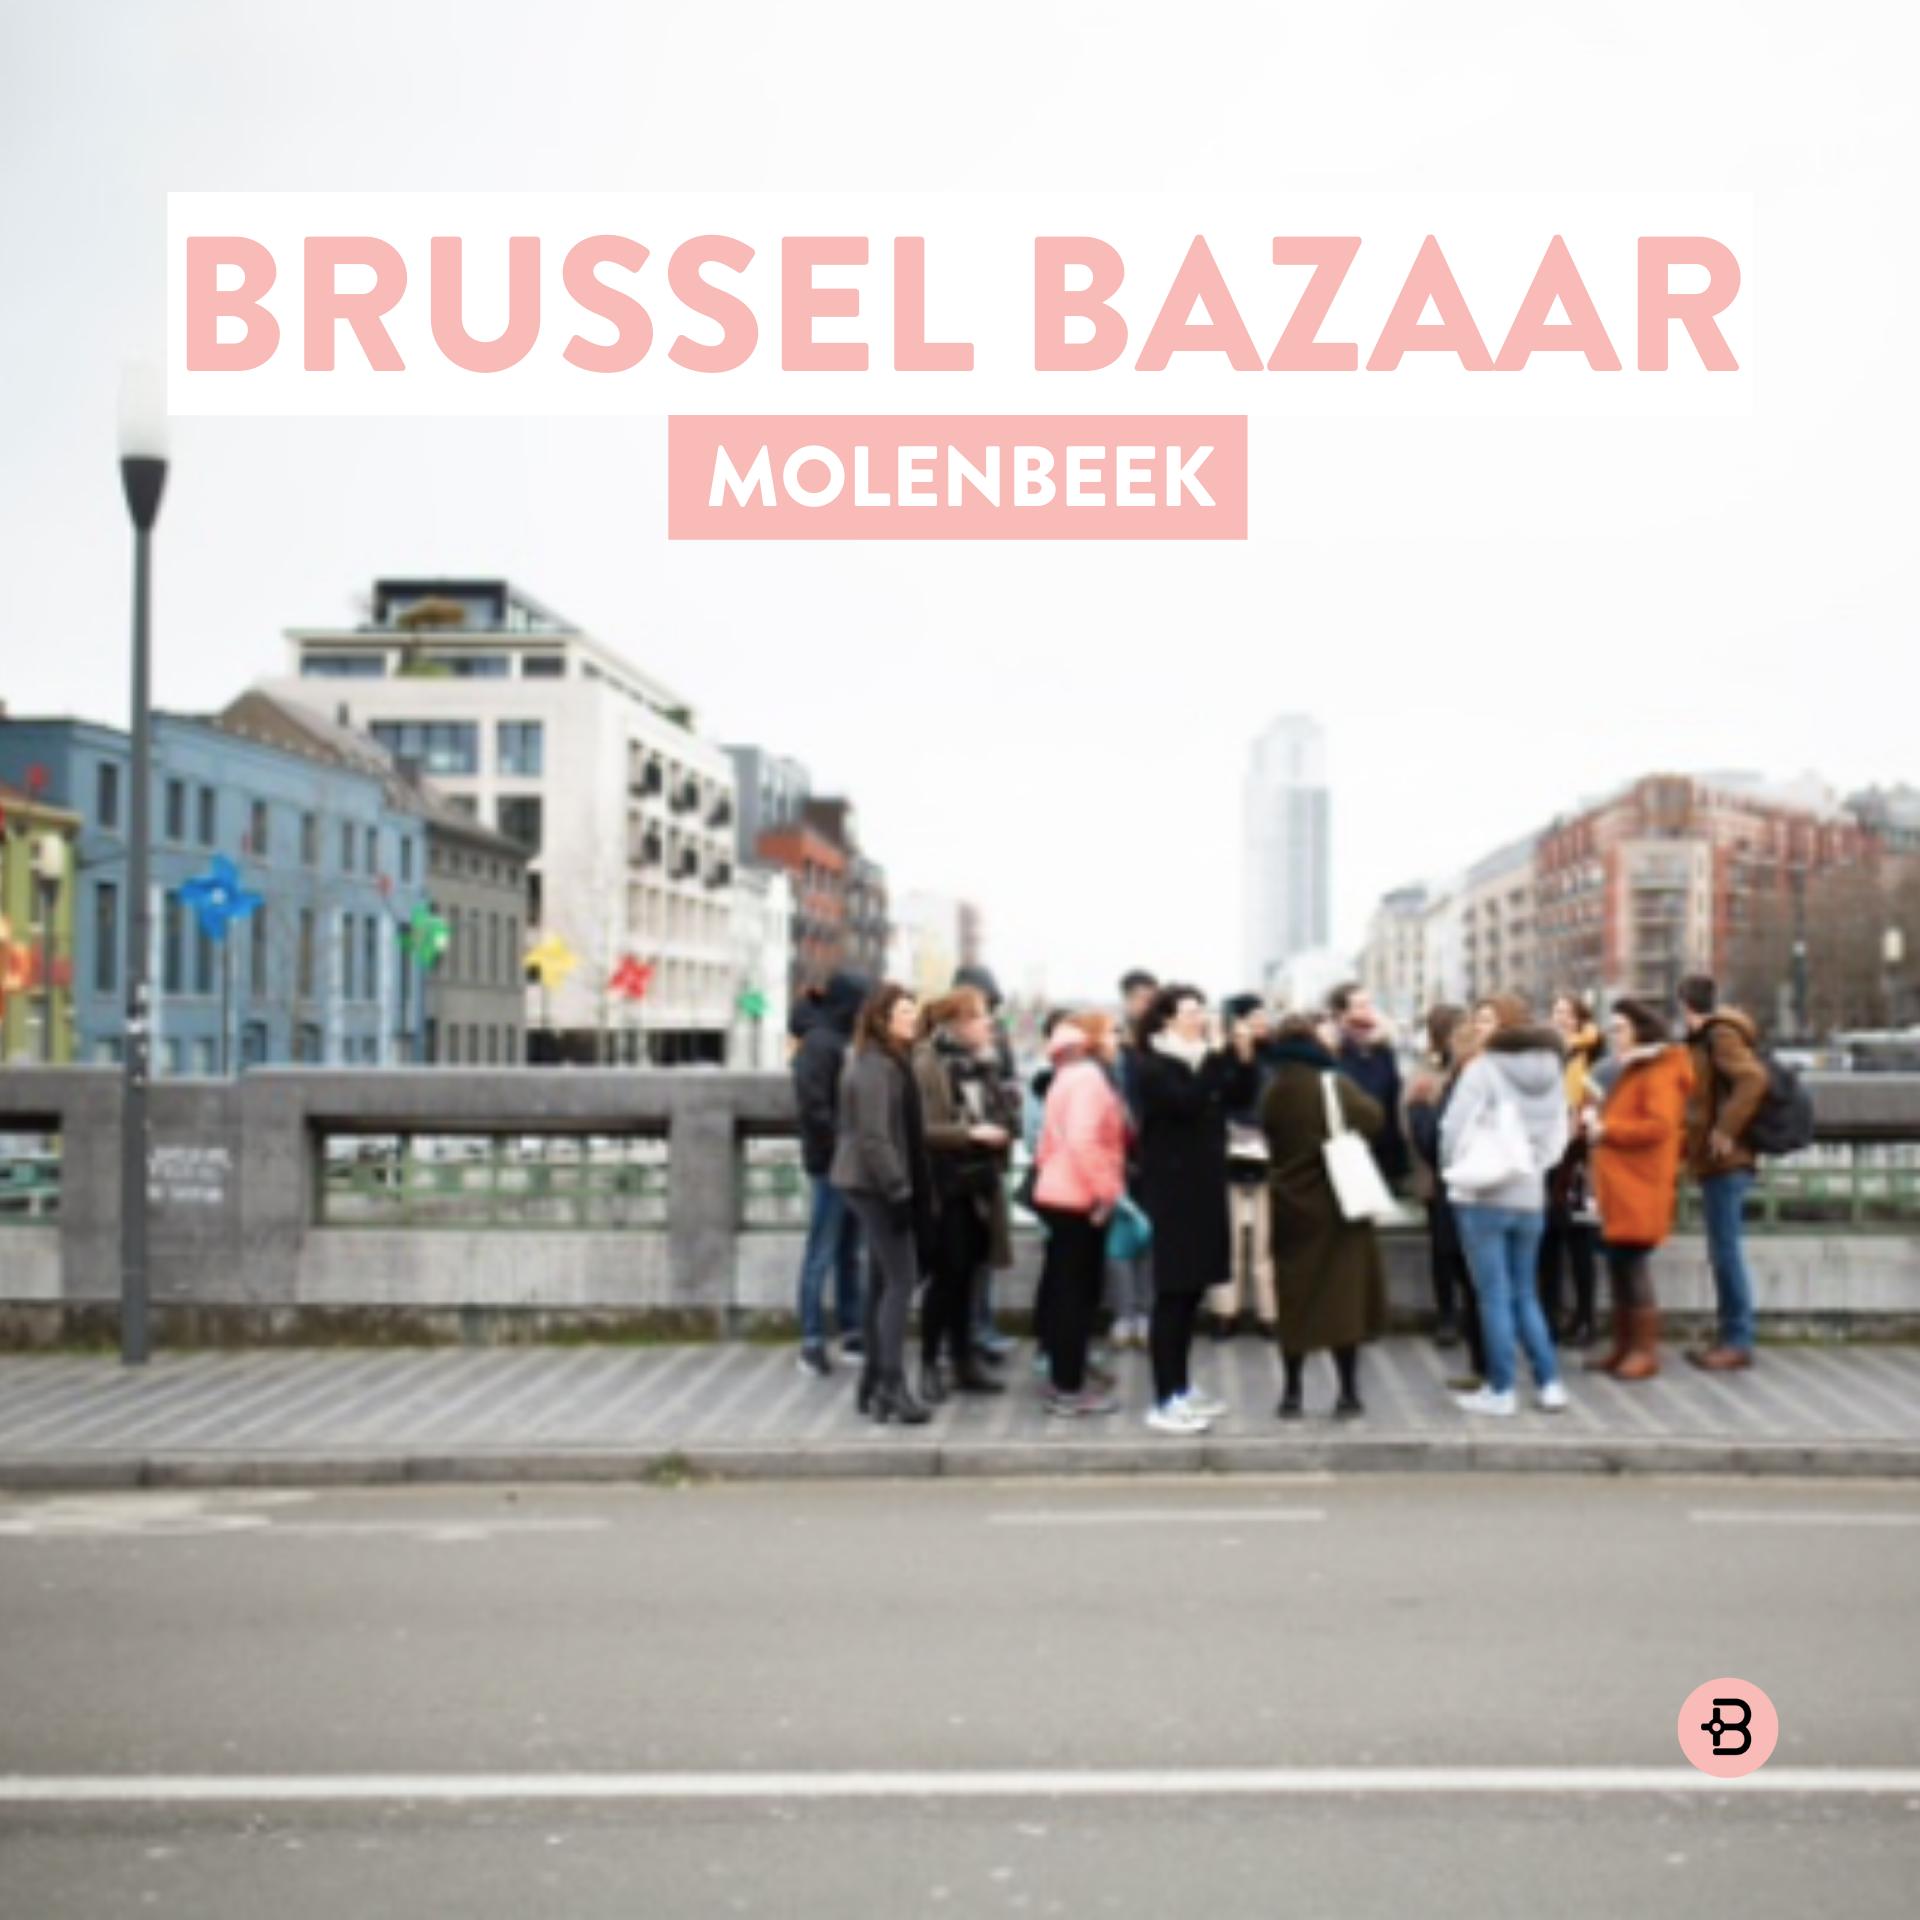 BRUSSEL BAZAAR | Molenbeek